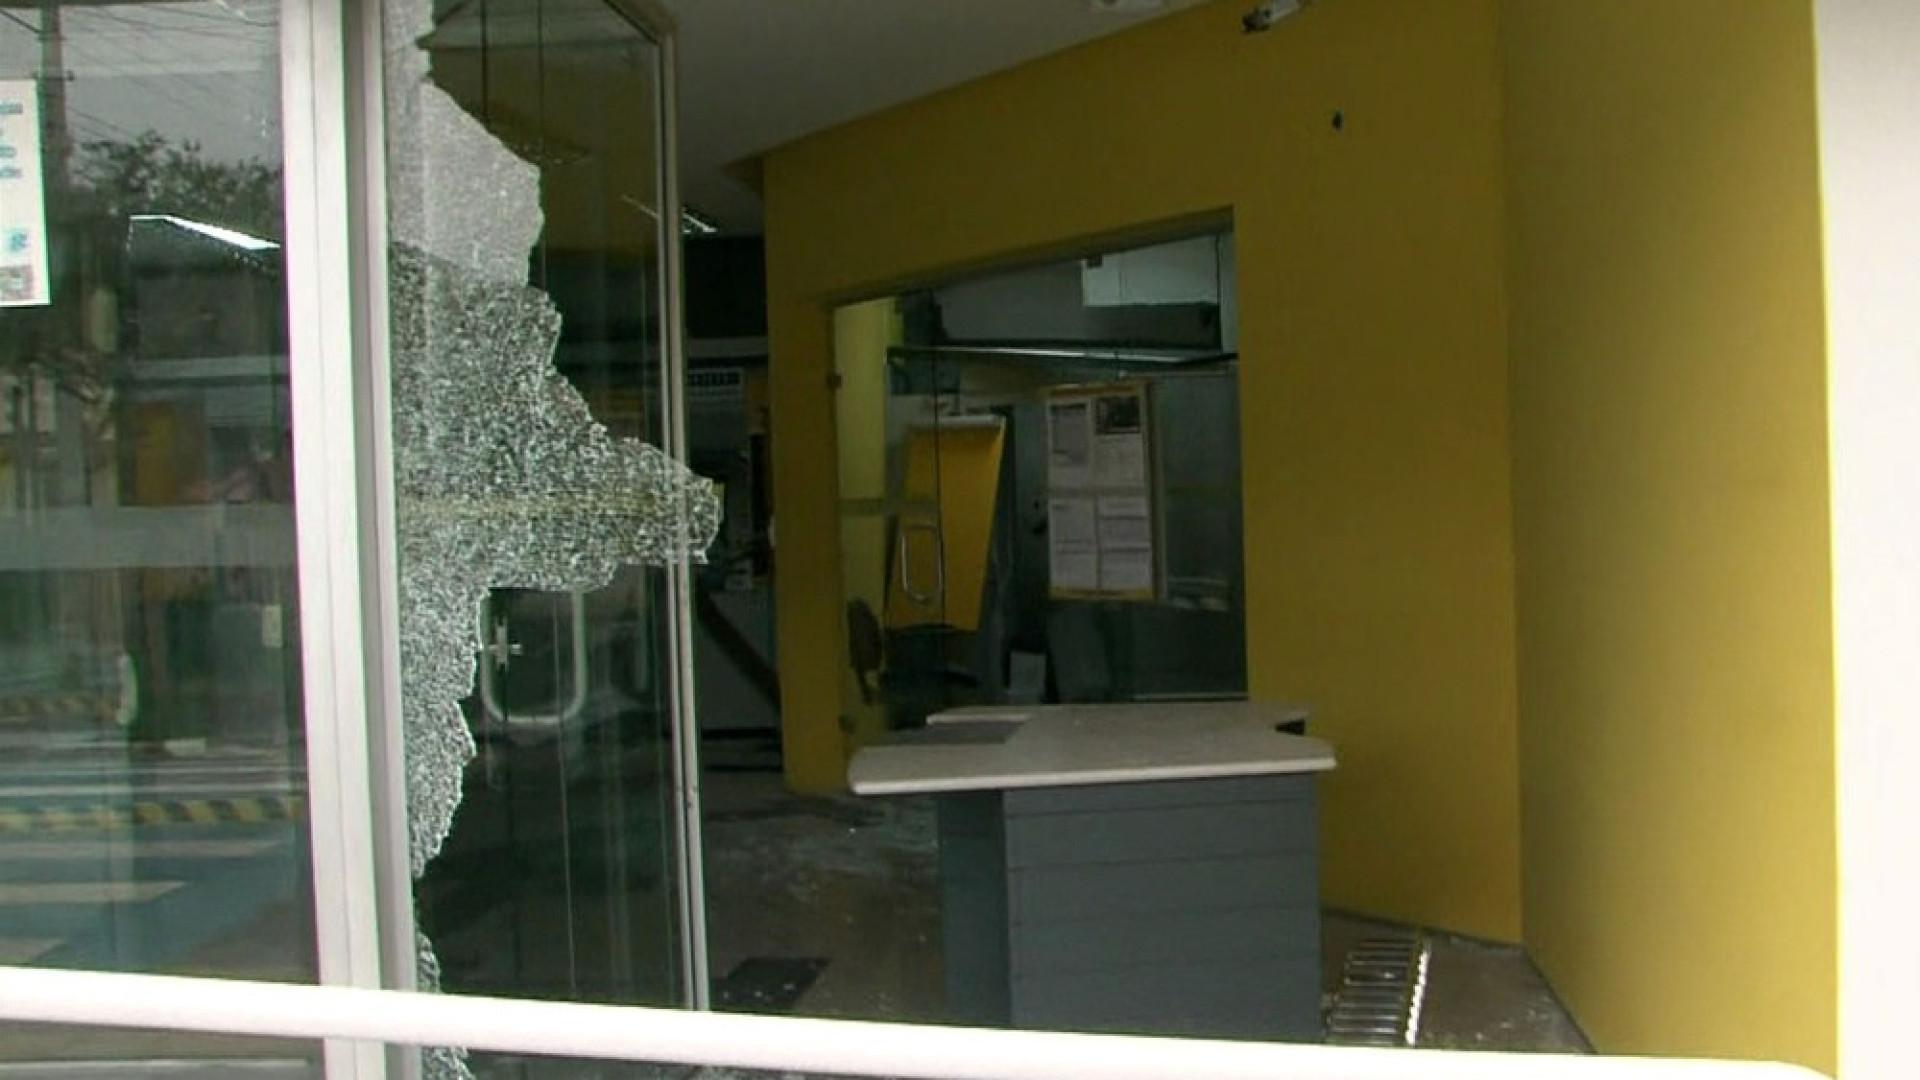 Tiroteio após ataque a bancos deixa 11 mortos na Grande SP